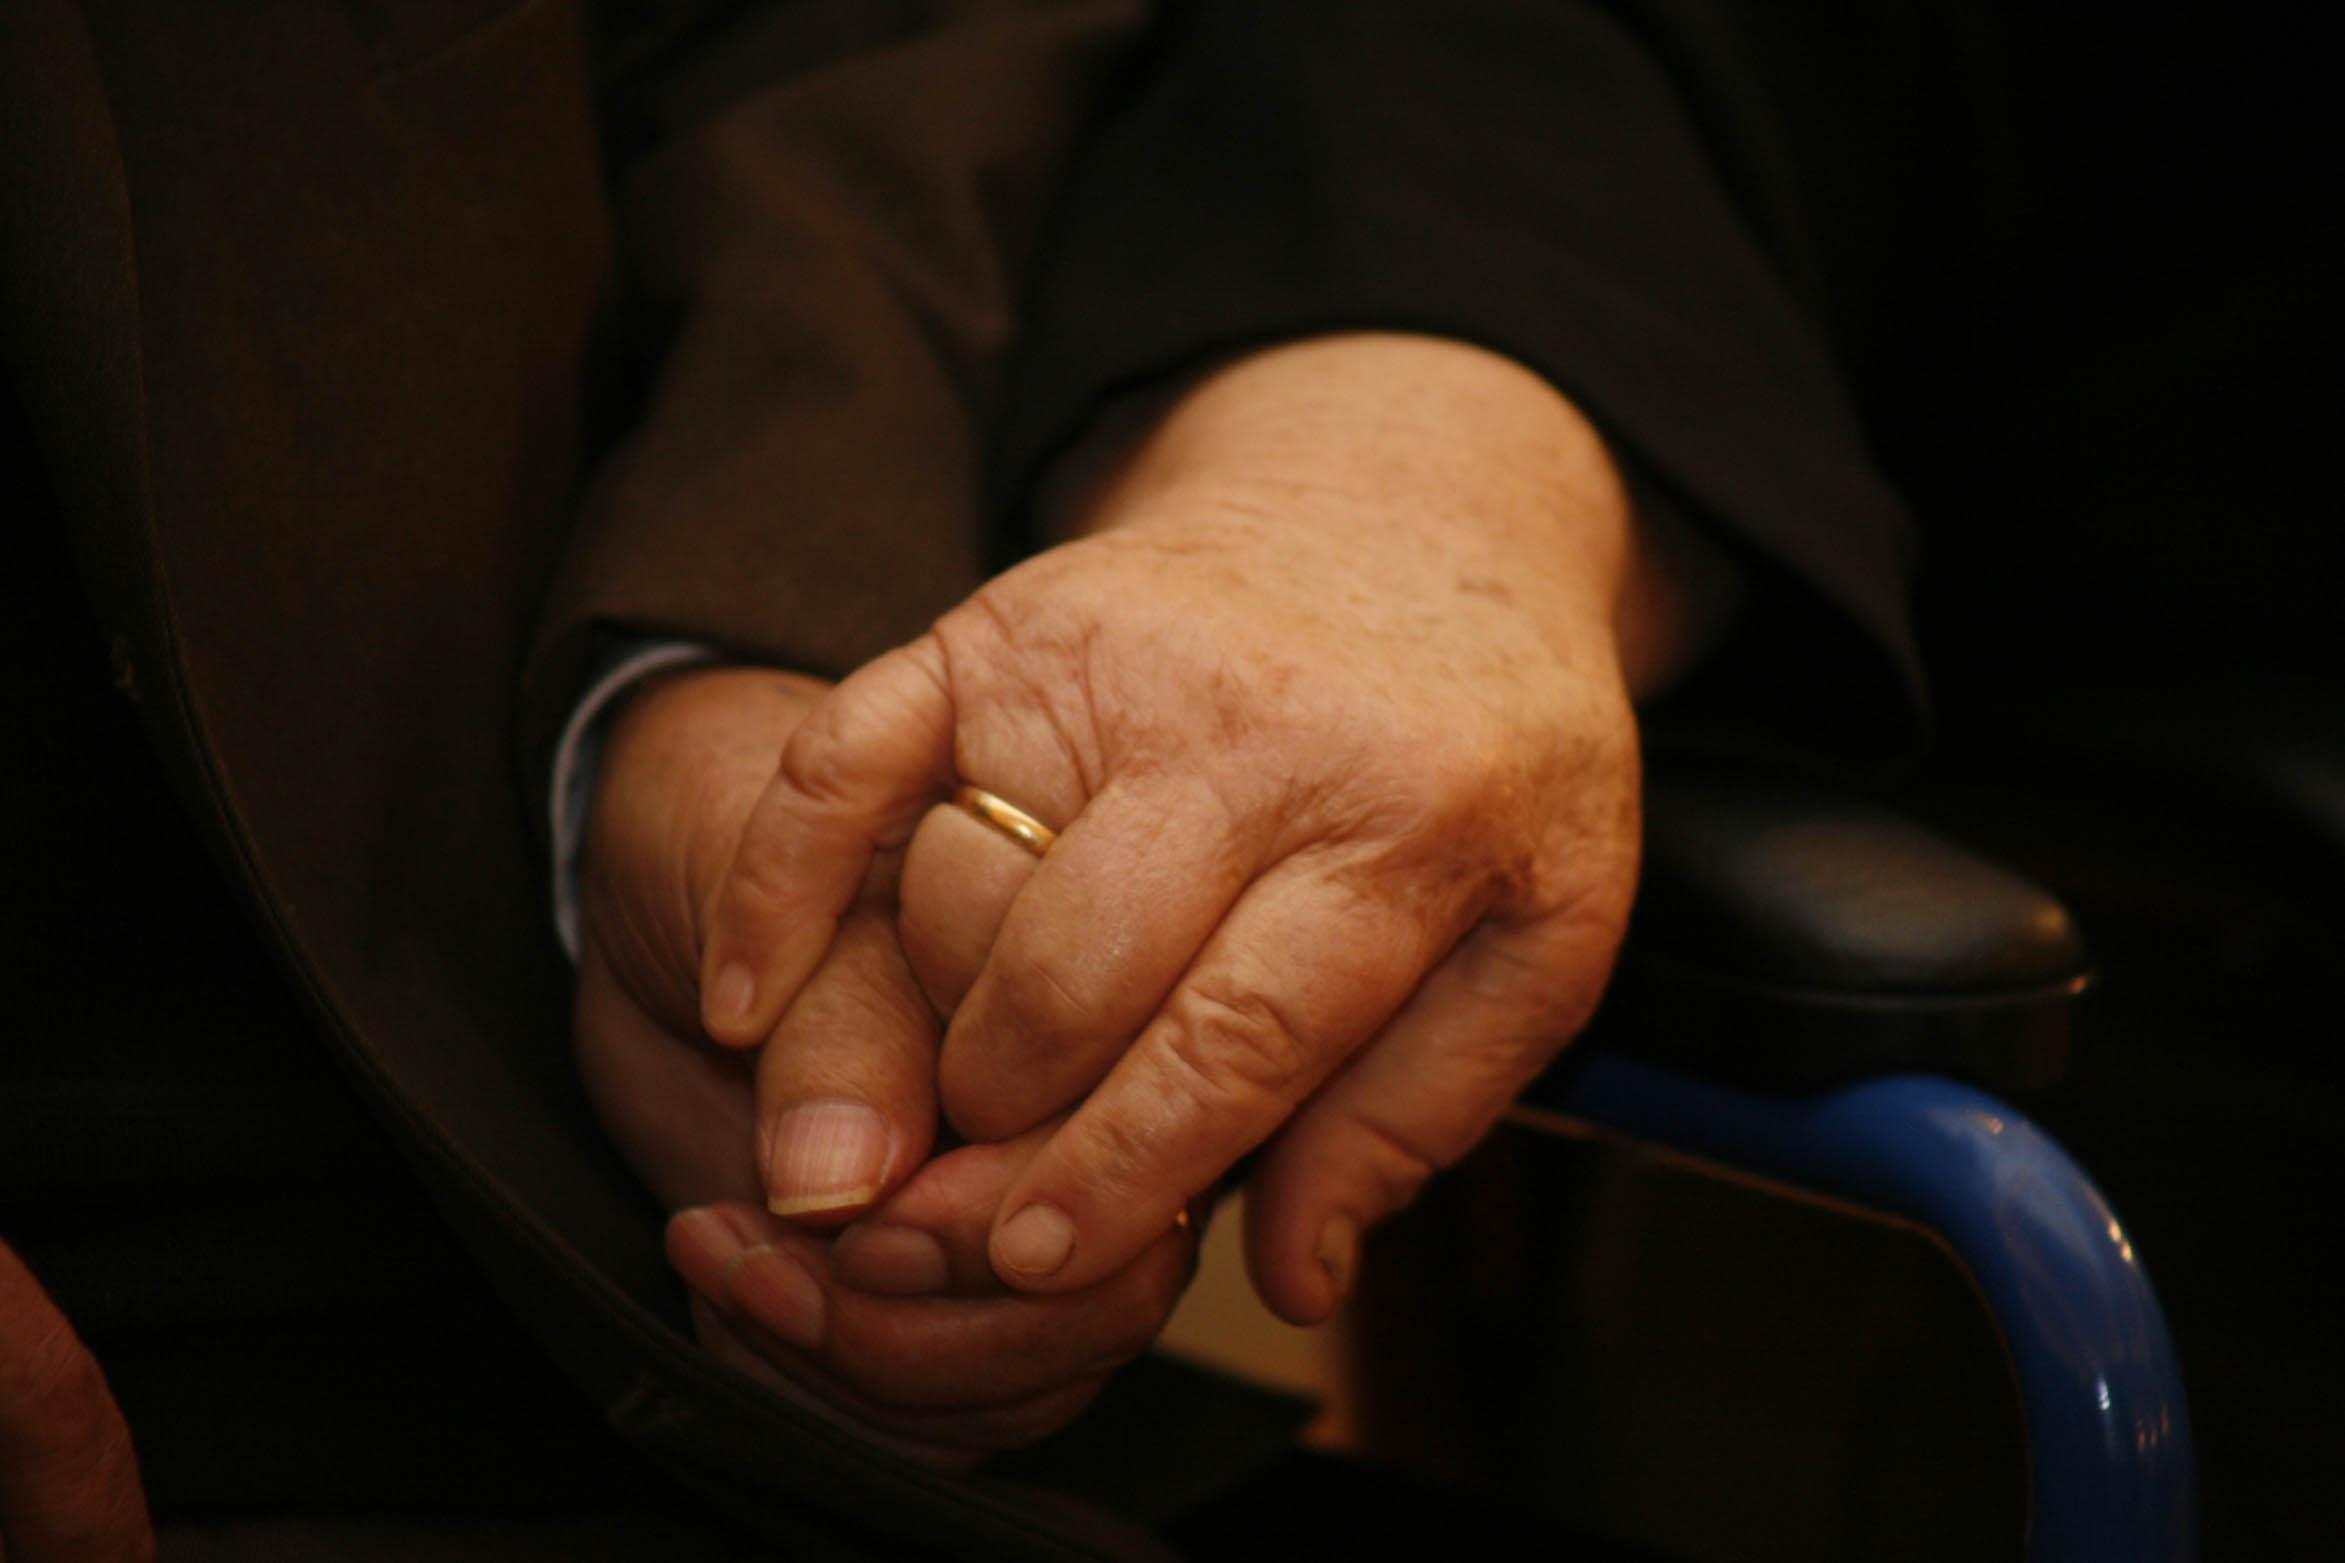 Σέρρες: Εξαπάτηση ηλικιωμένης με «λεία» 30 λίρες και χίλια ευρώ